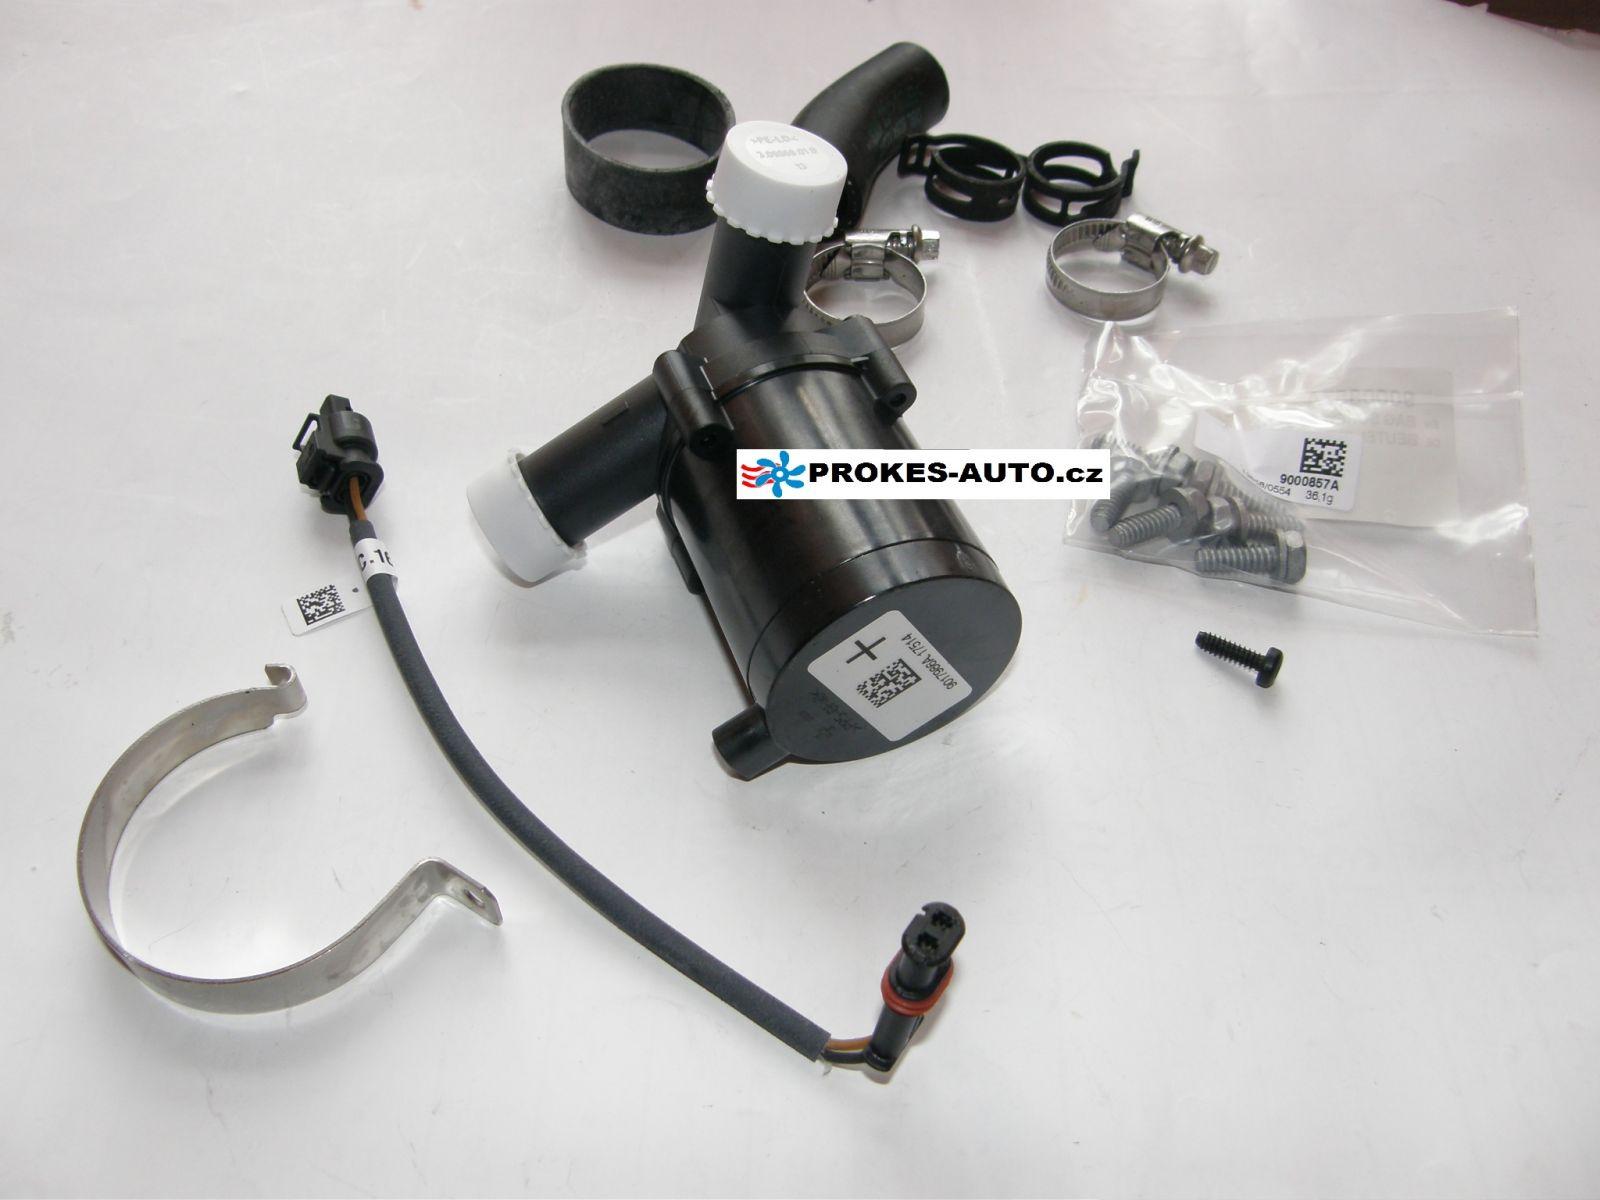 Vodní cirkulační čerpadlo U4847 ThermoTop C / E / Z / P 9002514 / 93008 / 7.02073.14.0 / / 87187B Webasto